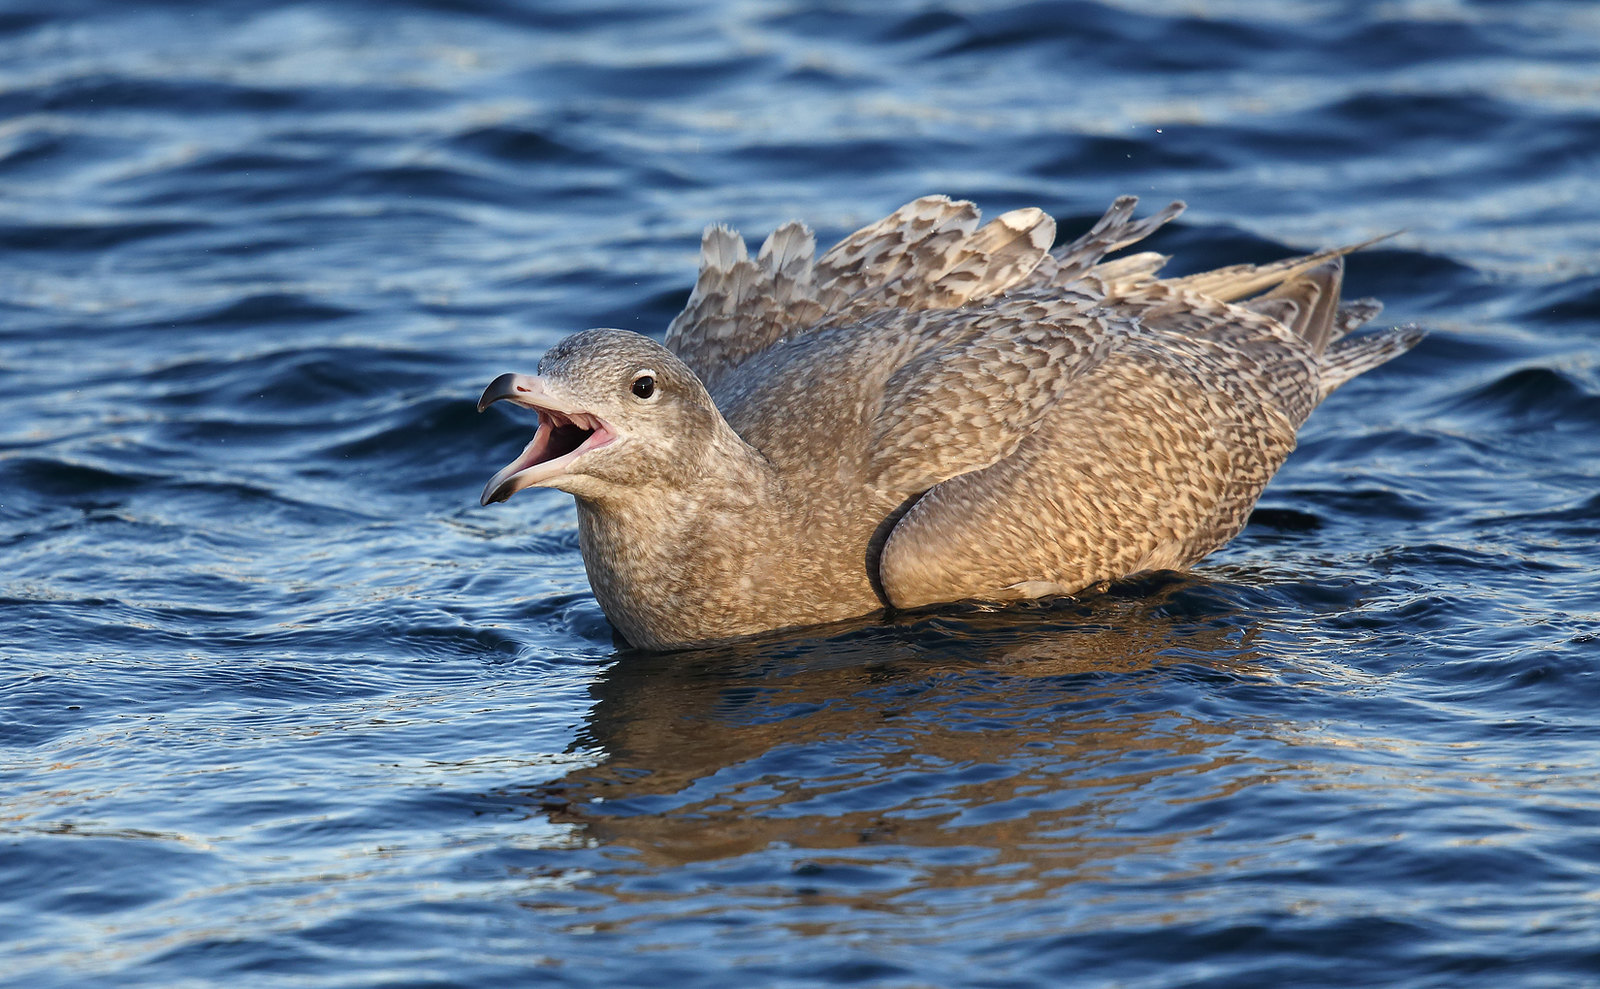 Juv. Glaucous Gull